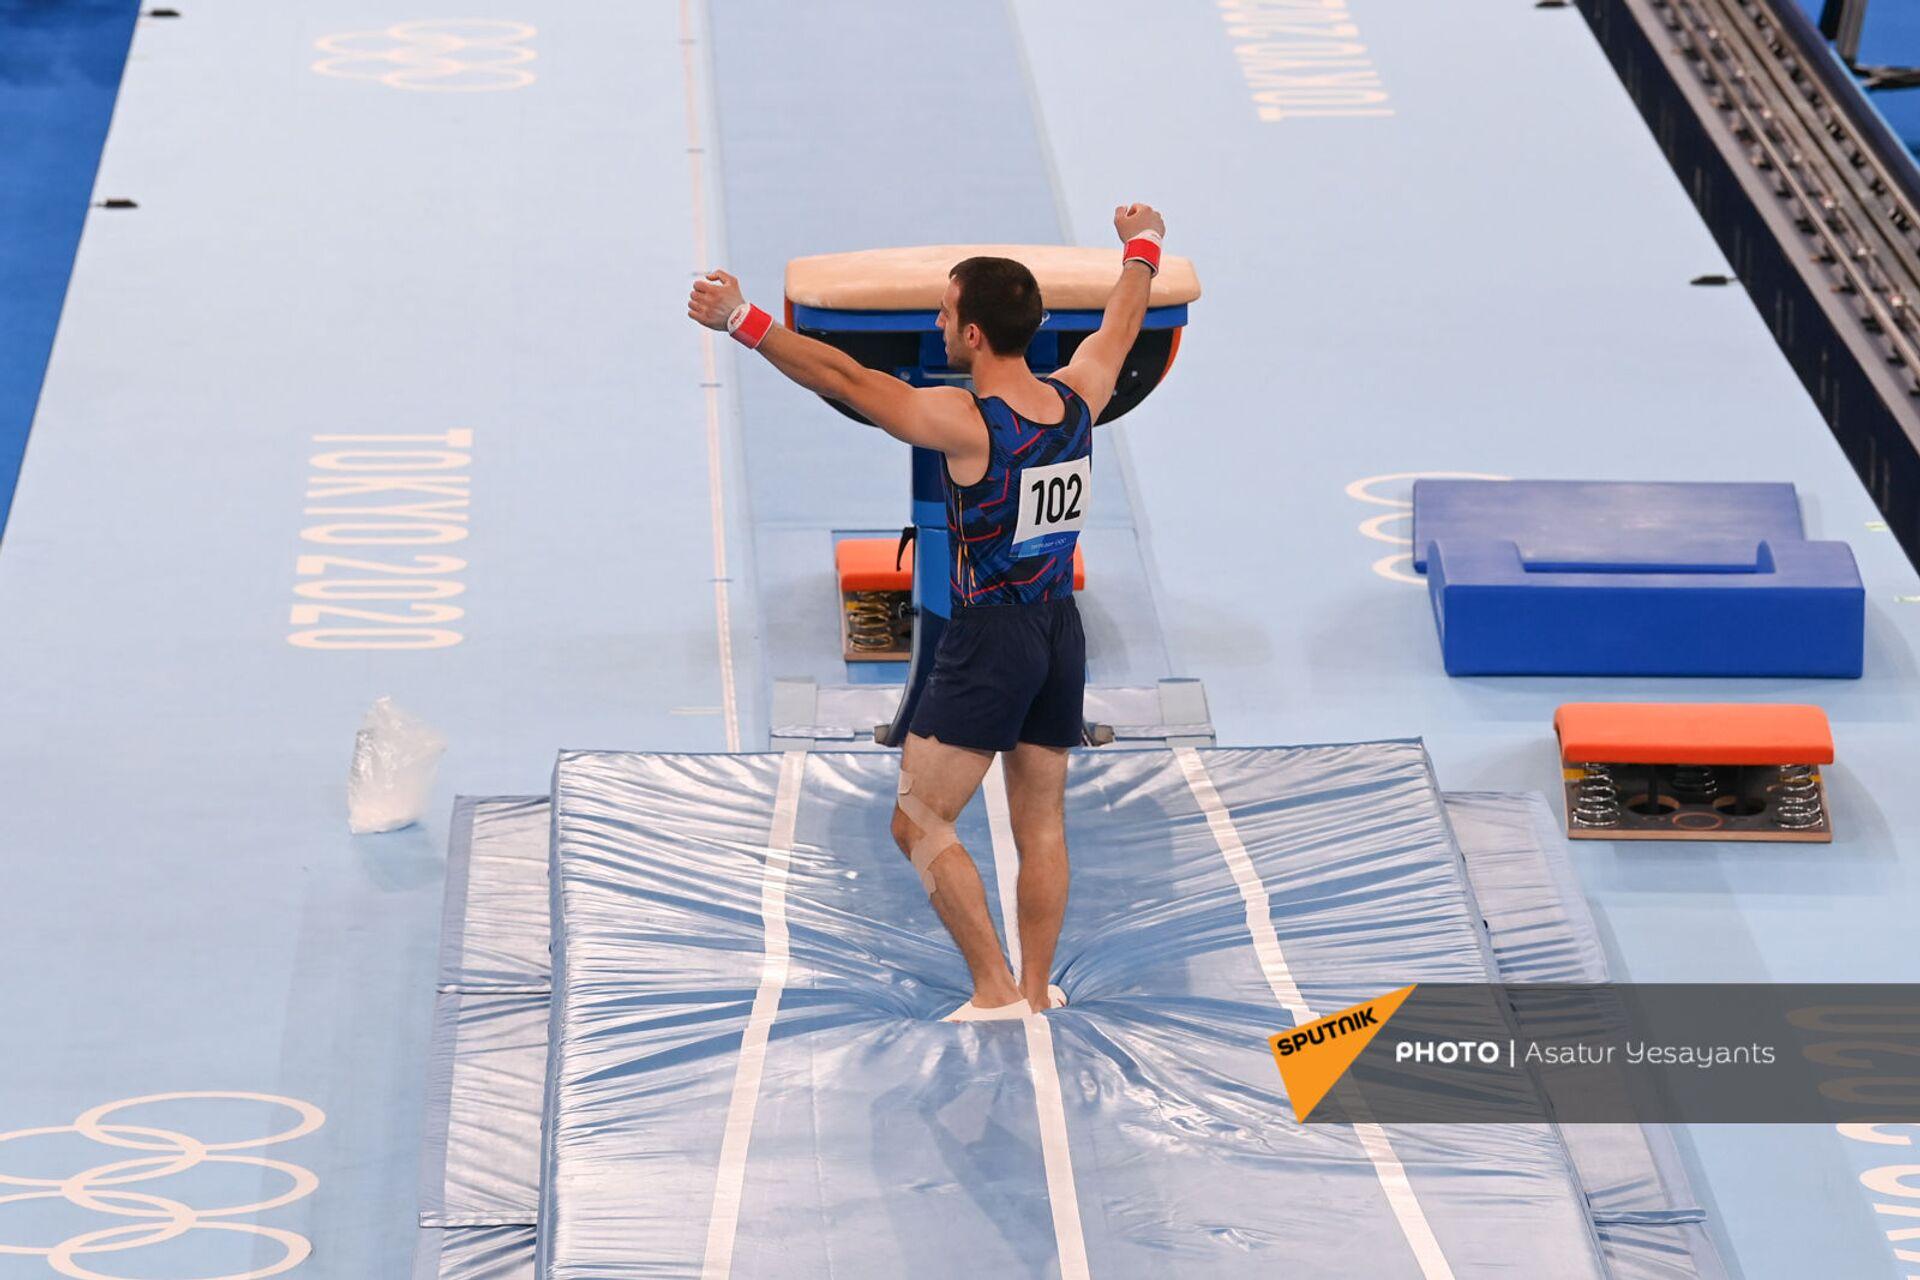 Армянский гимнаст Артур Давтян блестяще выступил в Токио - фото - Sputnik Армения, 1920, 24.07.2021